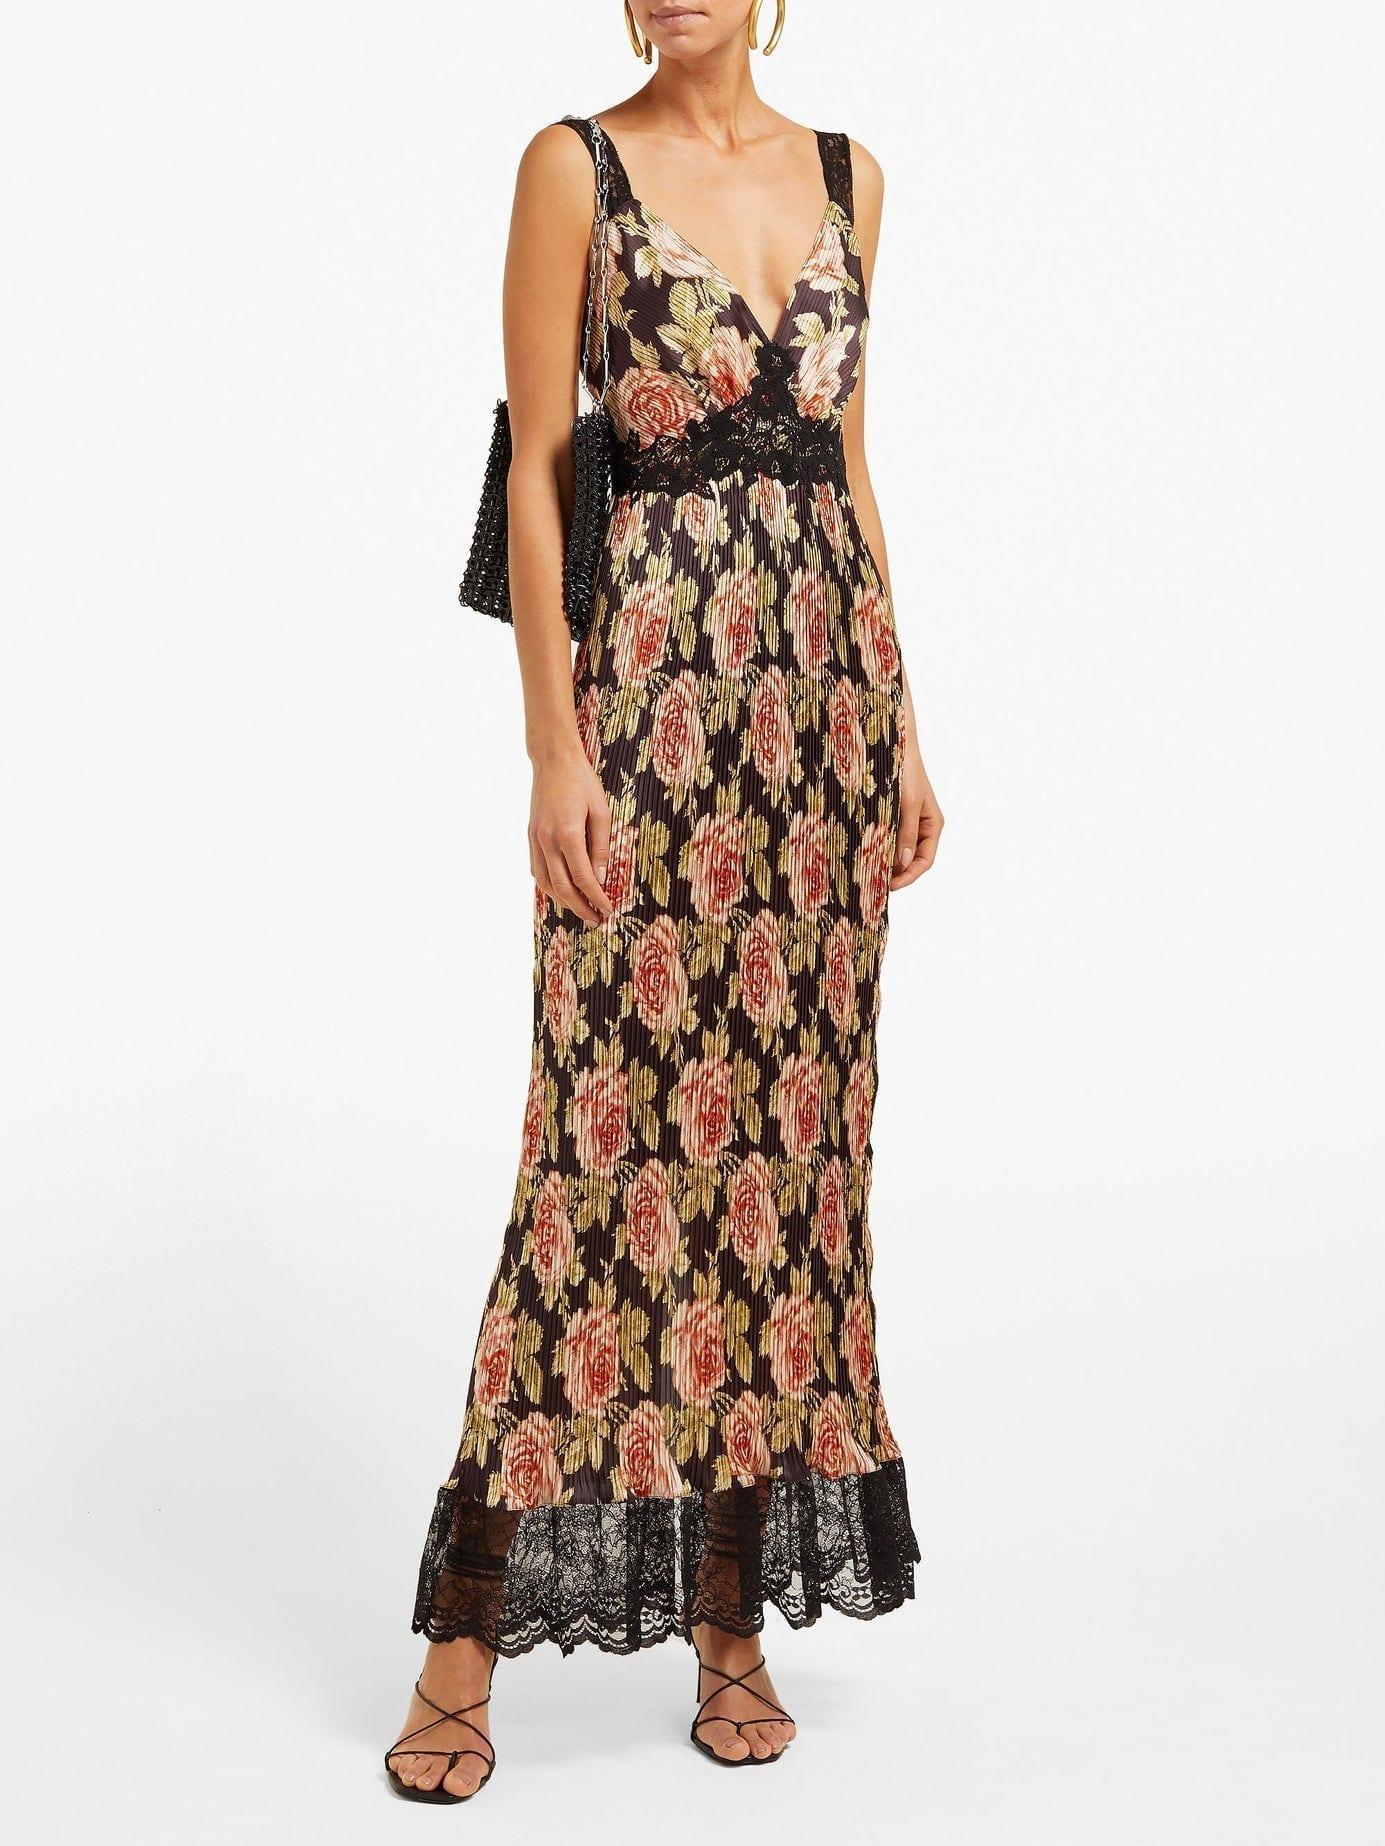 PACO RABANNE Lace-Trimmed Rose-Print Plissé Black Dress